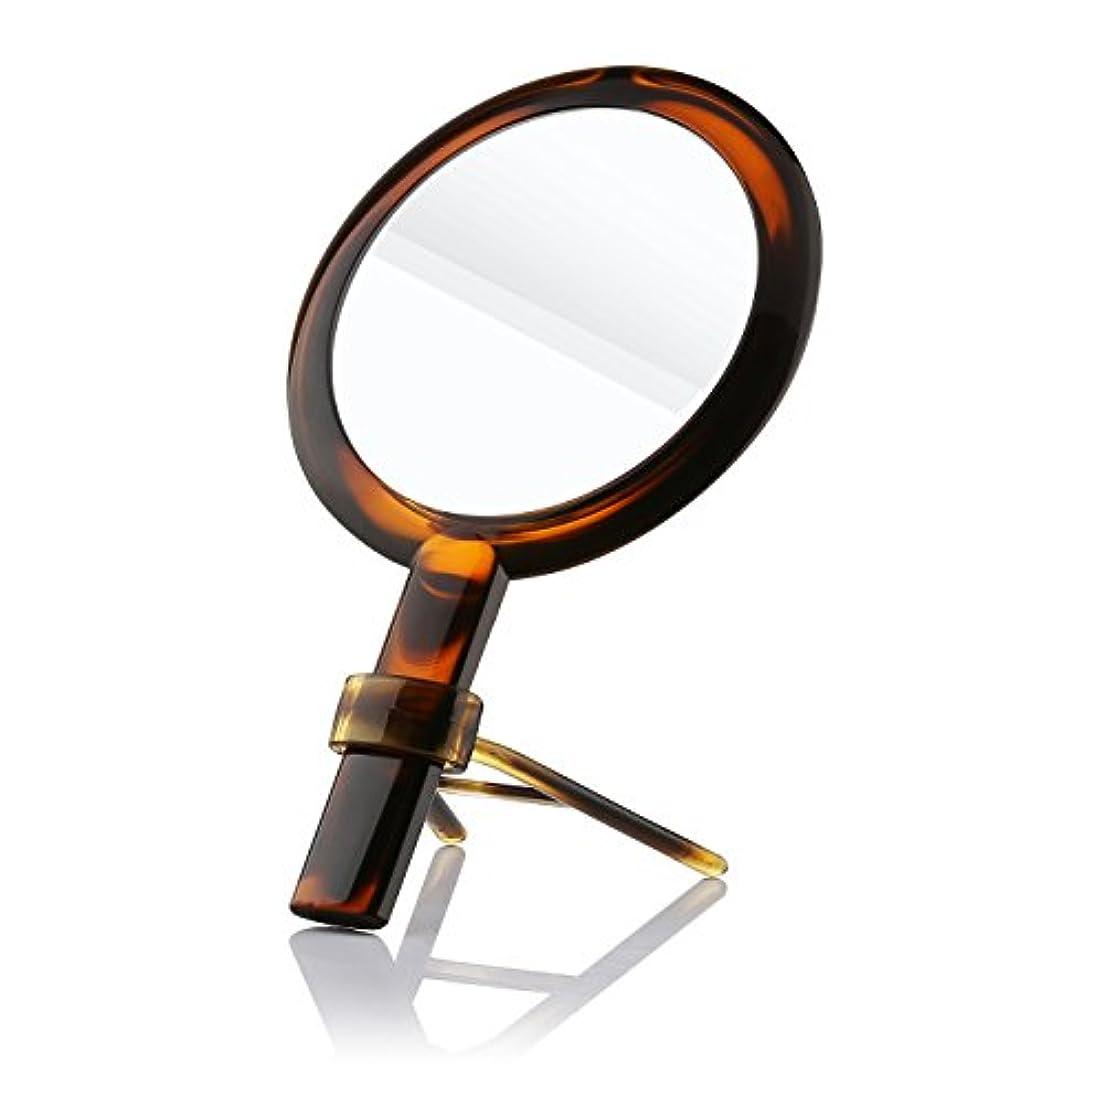 ドレインロータリー哺乳類化粧ミラー Beautifive 化粧鏡 メイクミラー 等倍卓上両面鏡 7倍拡大スタンドミラー 手鏡 光学レズン高解像度